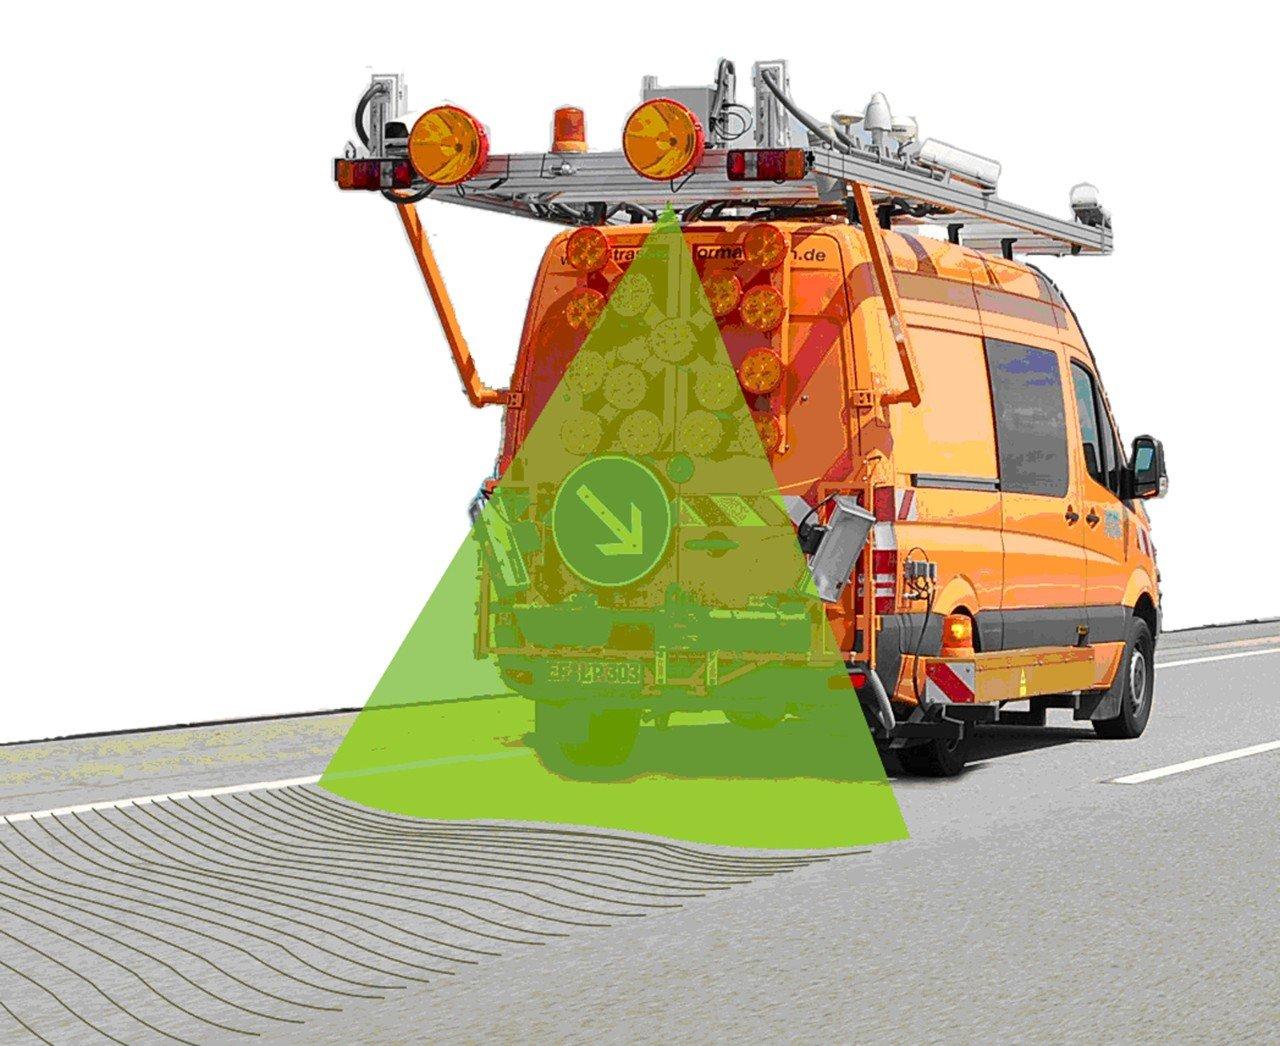 Fraunhofer-Forscher und Ingenieure des Erfurter Unternehmens für Straßengutachten Lehmann + Partner haben den Laserscanner gemeinsam entwickelt, der Straßenoberflächen sogar bei Tempo 100 zuverlässig erfasst.